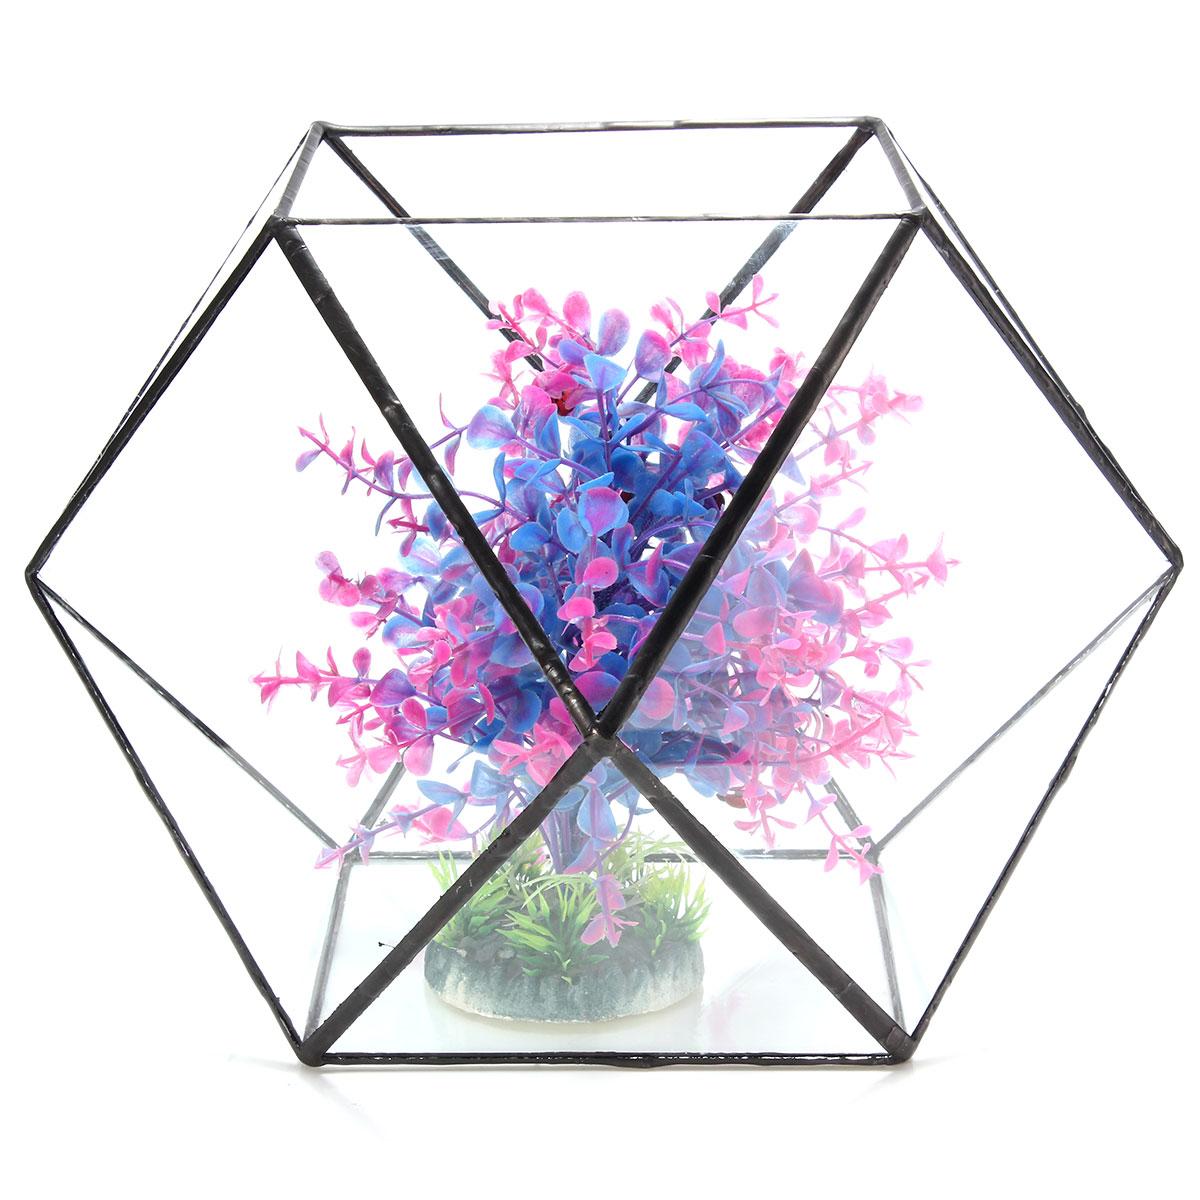 Polygon Greenhouse Glass Terrarium DIY Micro Landscape Succulent Plants Flower Pot